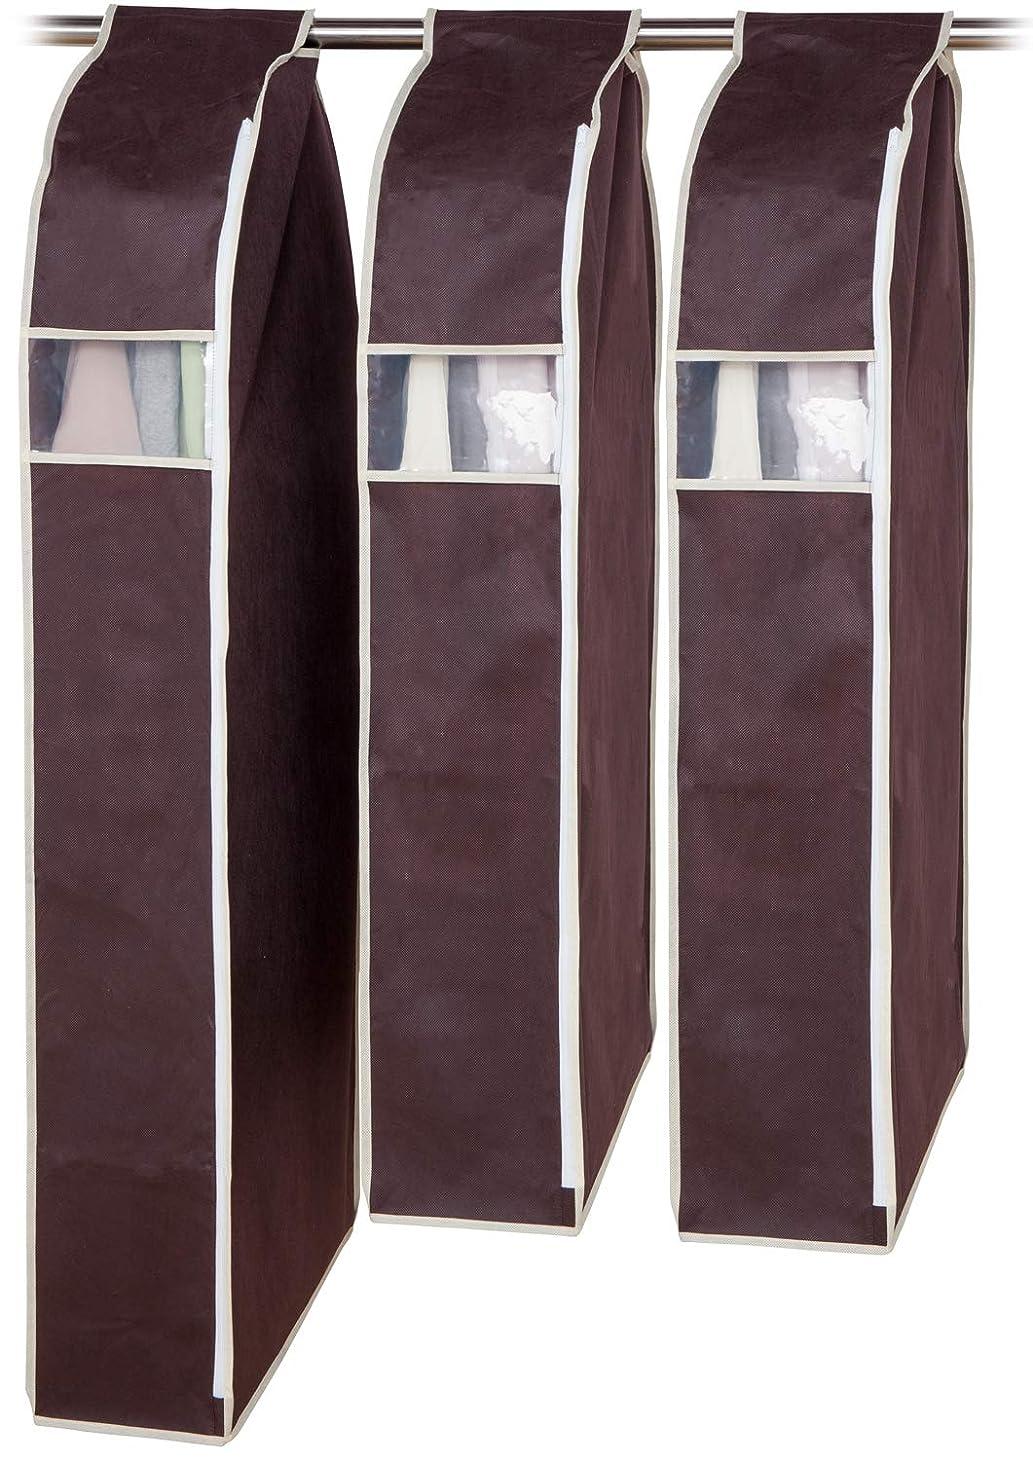 彼女最初に技術的なアストロ 洋服カバー ワイド 3枚 (スーツ2枚+ロング1枚) ブラウン 不織布 透明窓 防虫剤ポケット付き 底までカバー まとめて収納 600-25